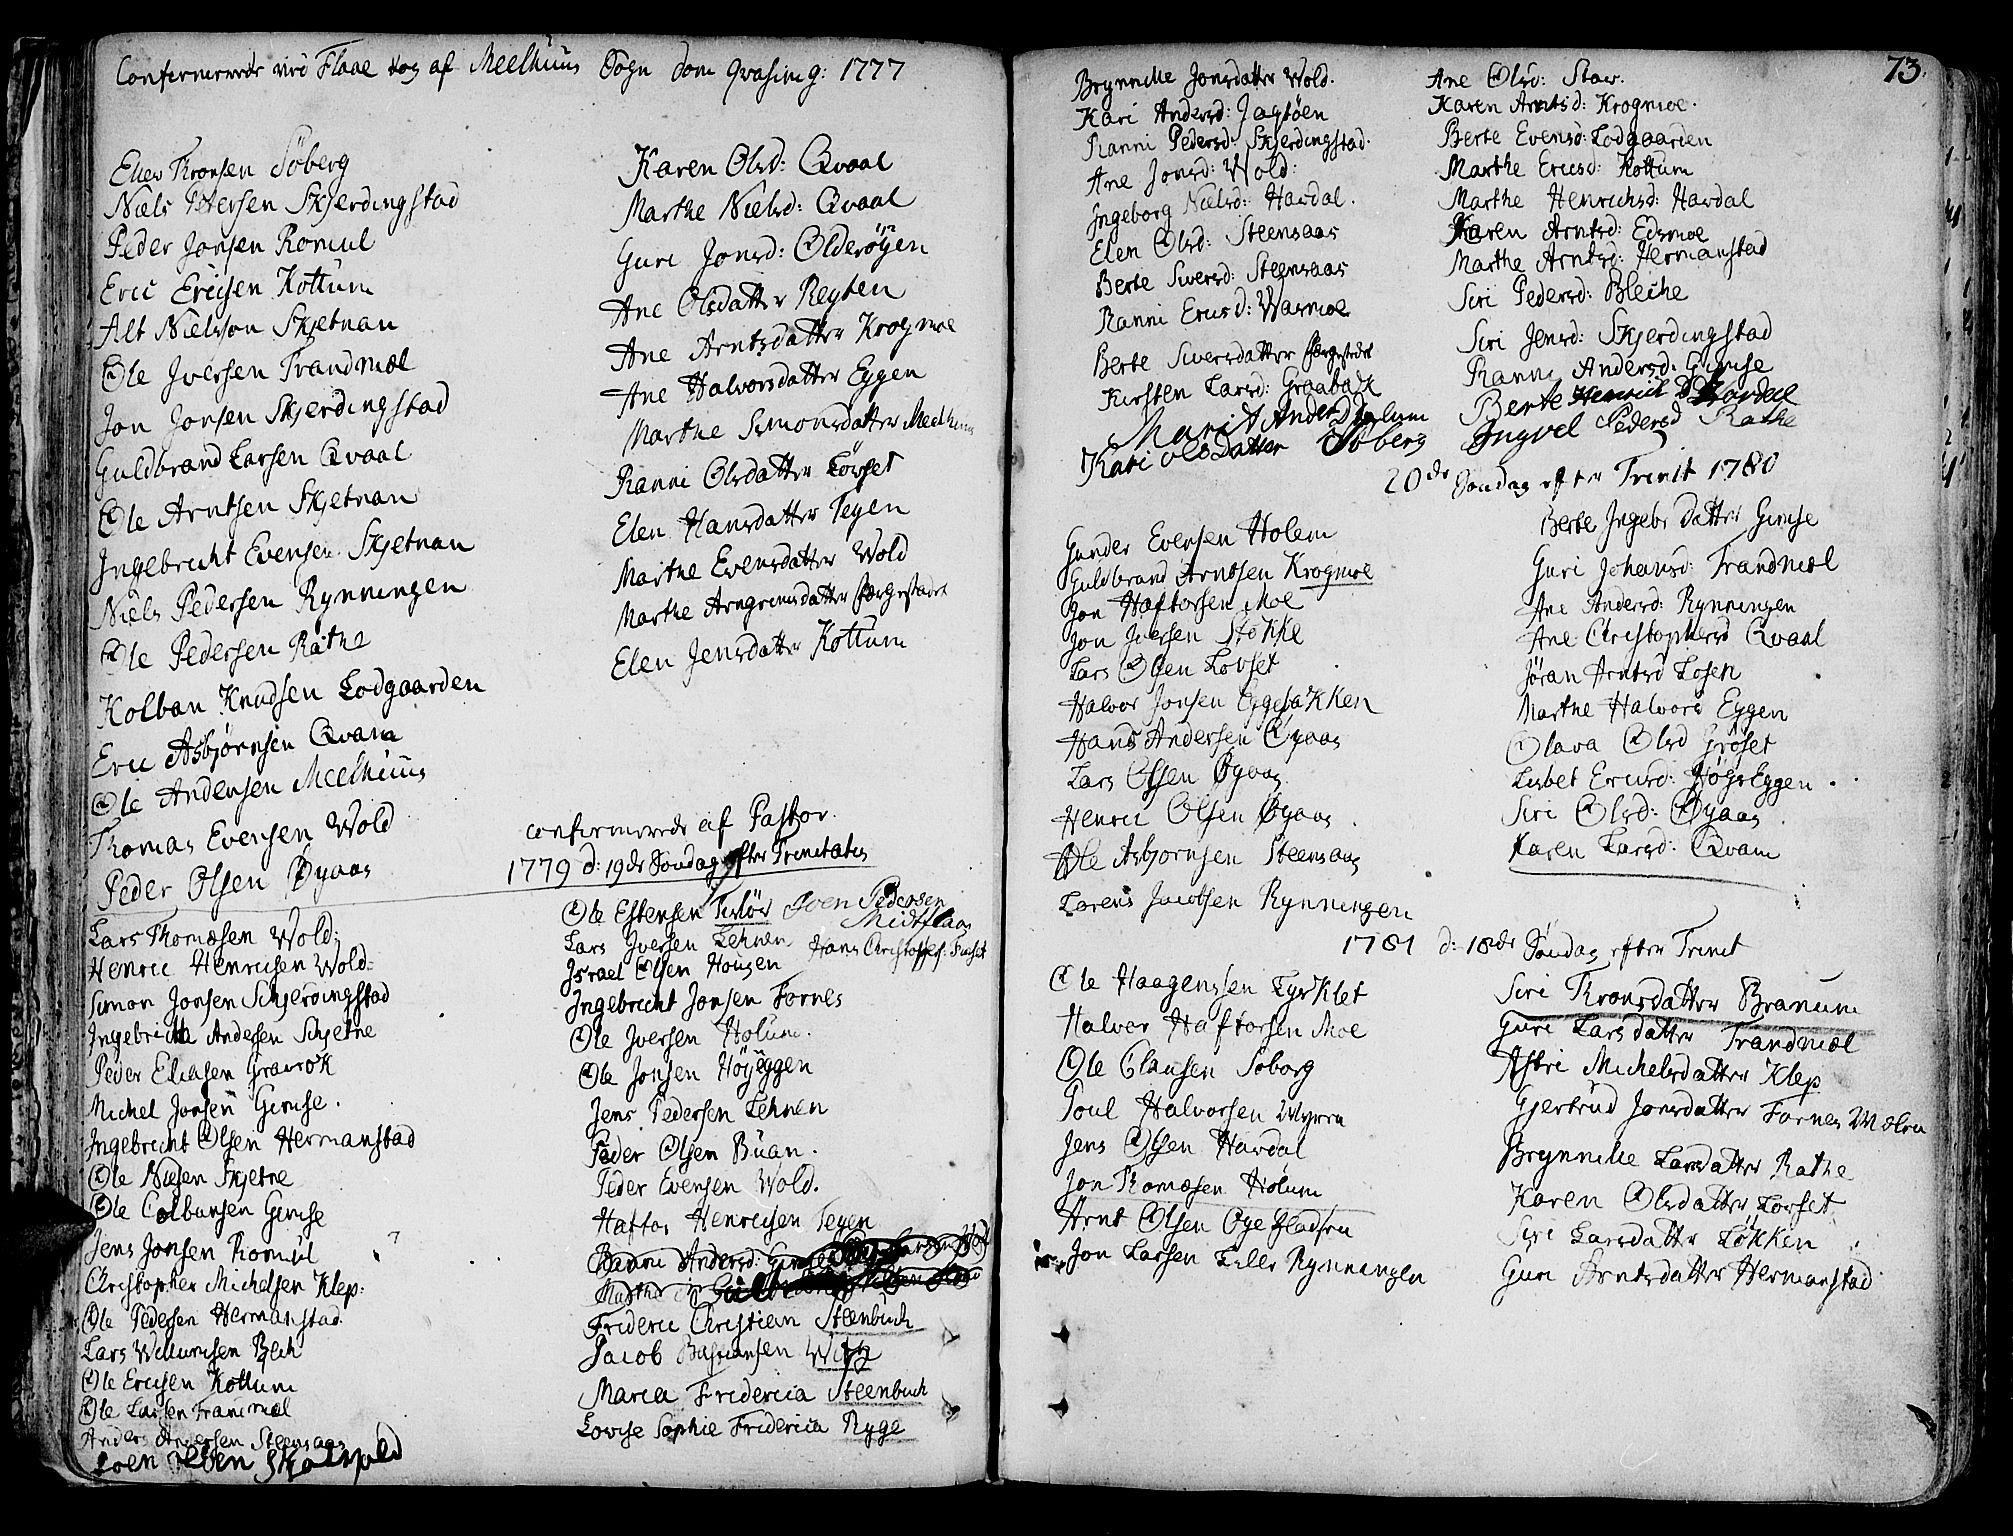 SAT, Ministerialprotokoller, klokkerbøker og fødselsregistre - Sør-Trøndelag, 691/L1061: Ministerialbok nr. 691A02 /1, 1768-1815, s. 73